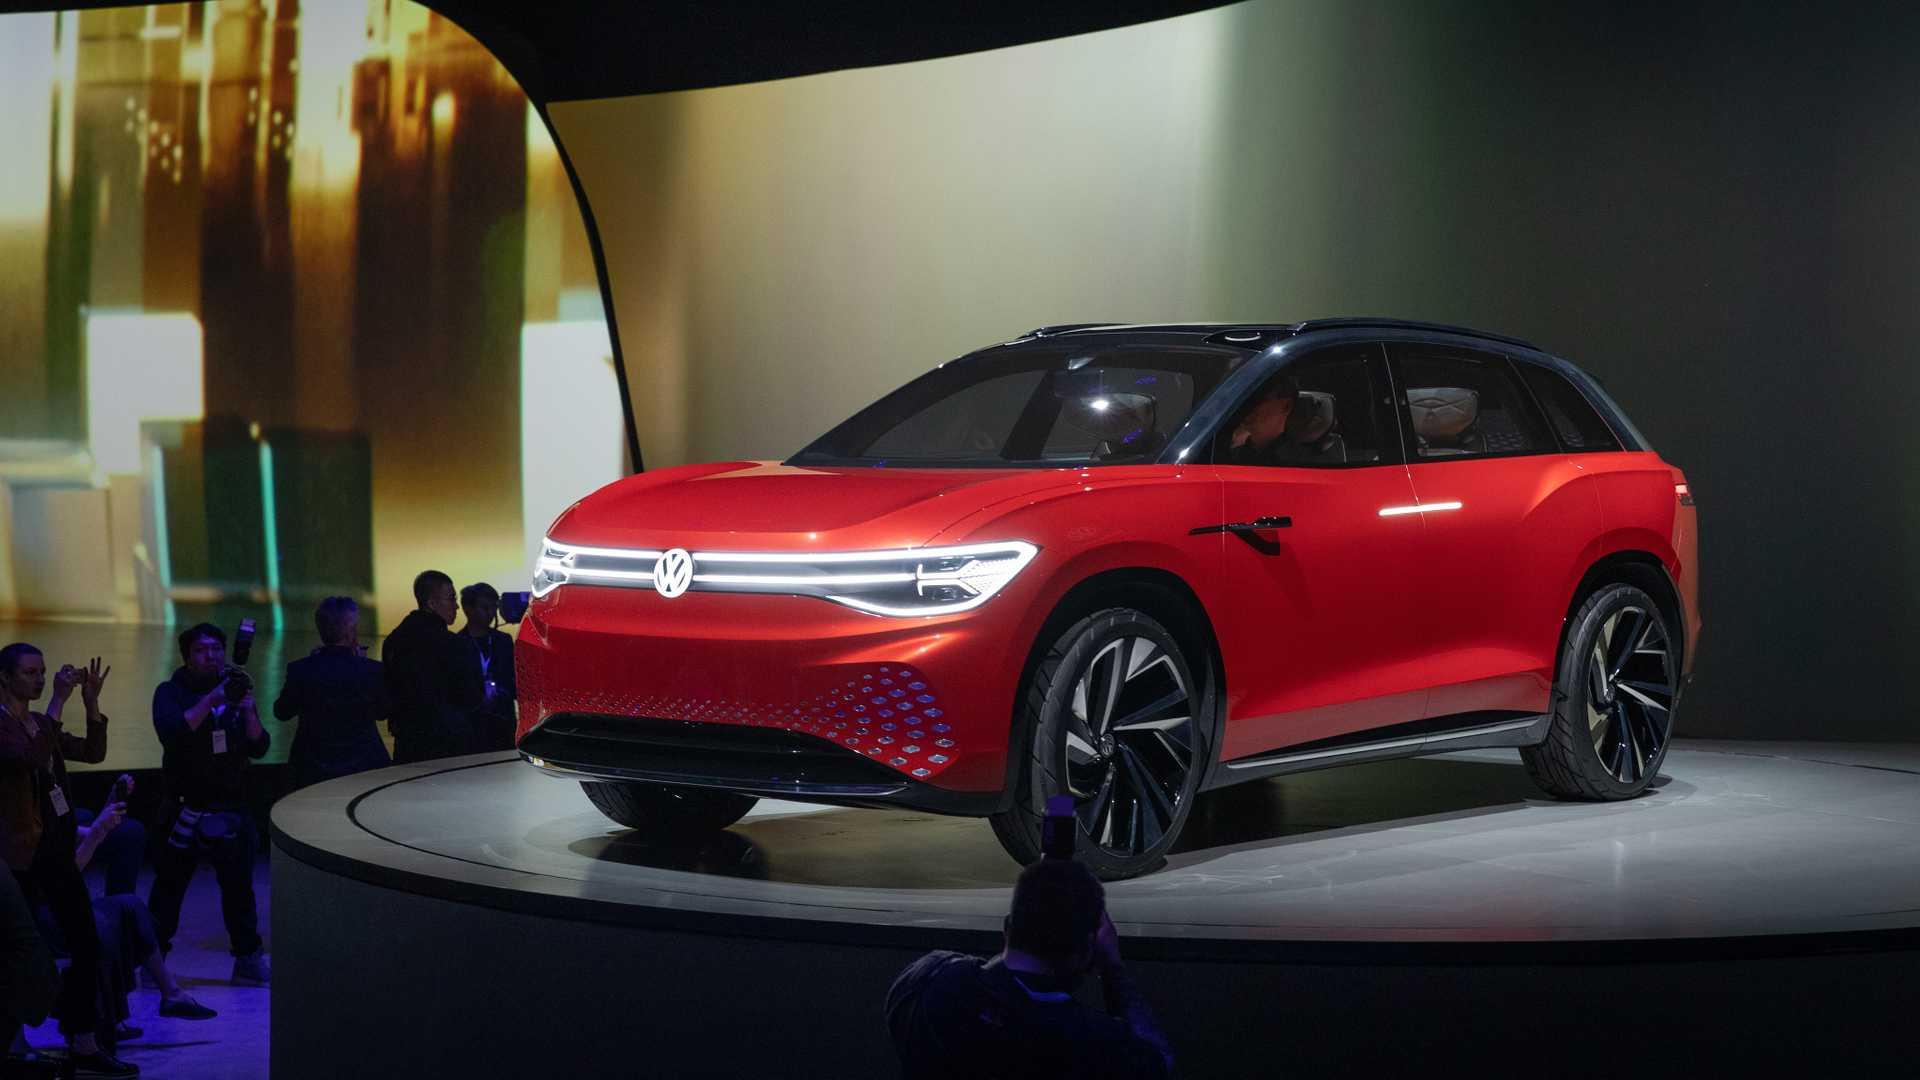 Veículos elétricos Volkswagen